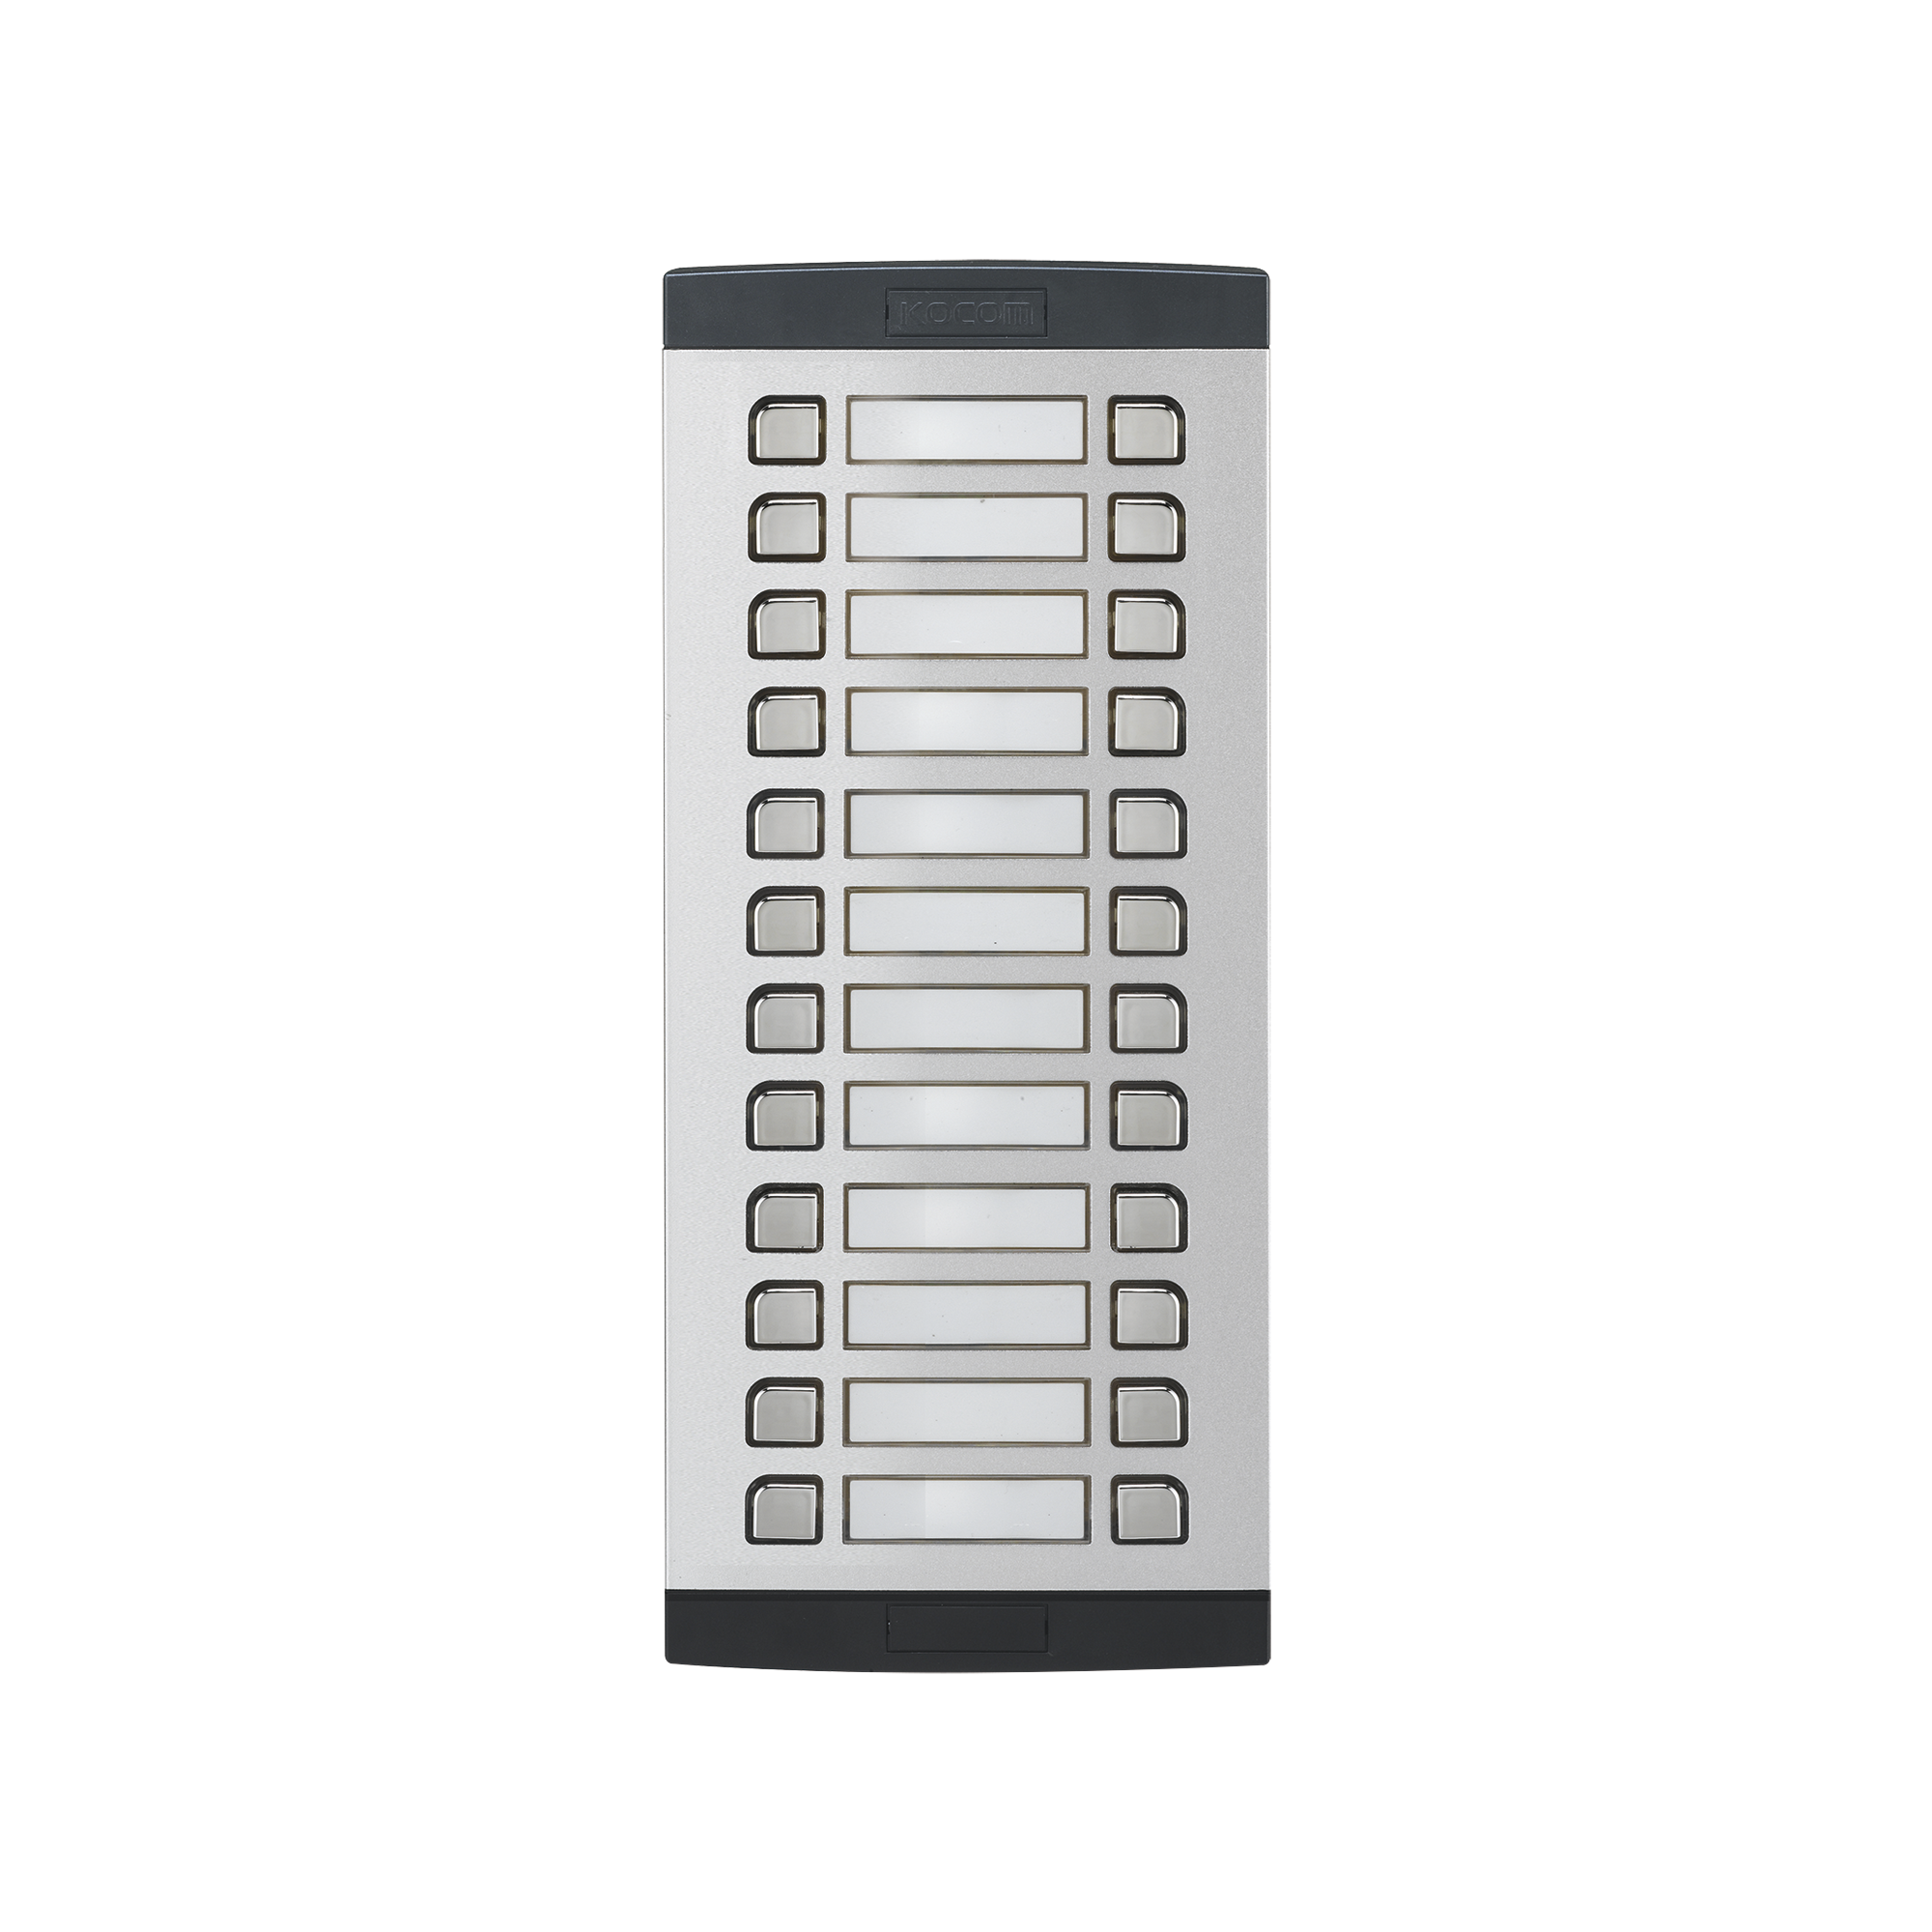 Expansor de 24 apartamentos para KVLC series